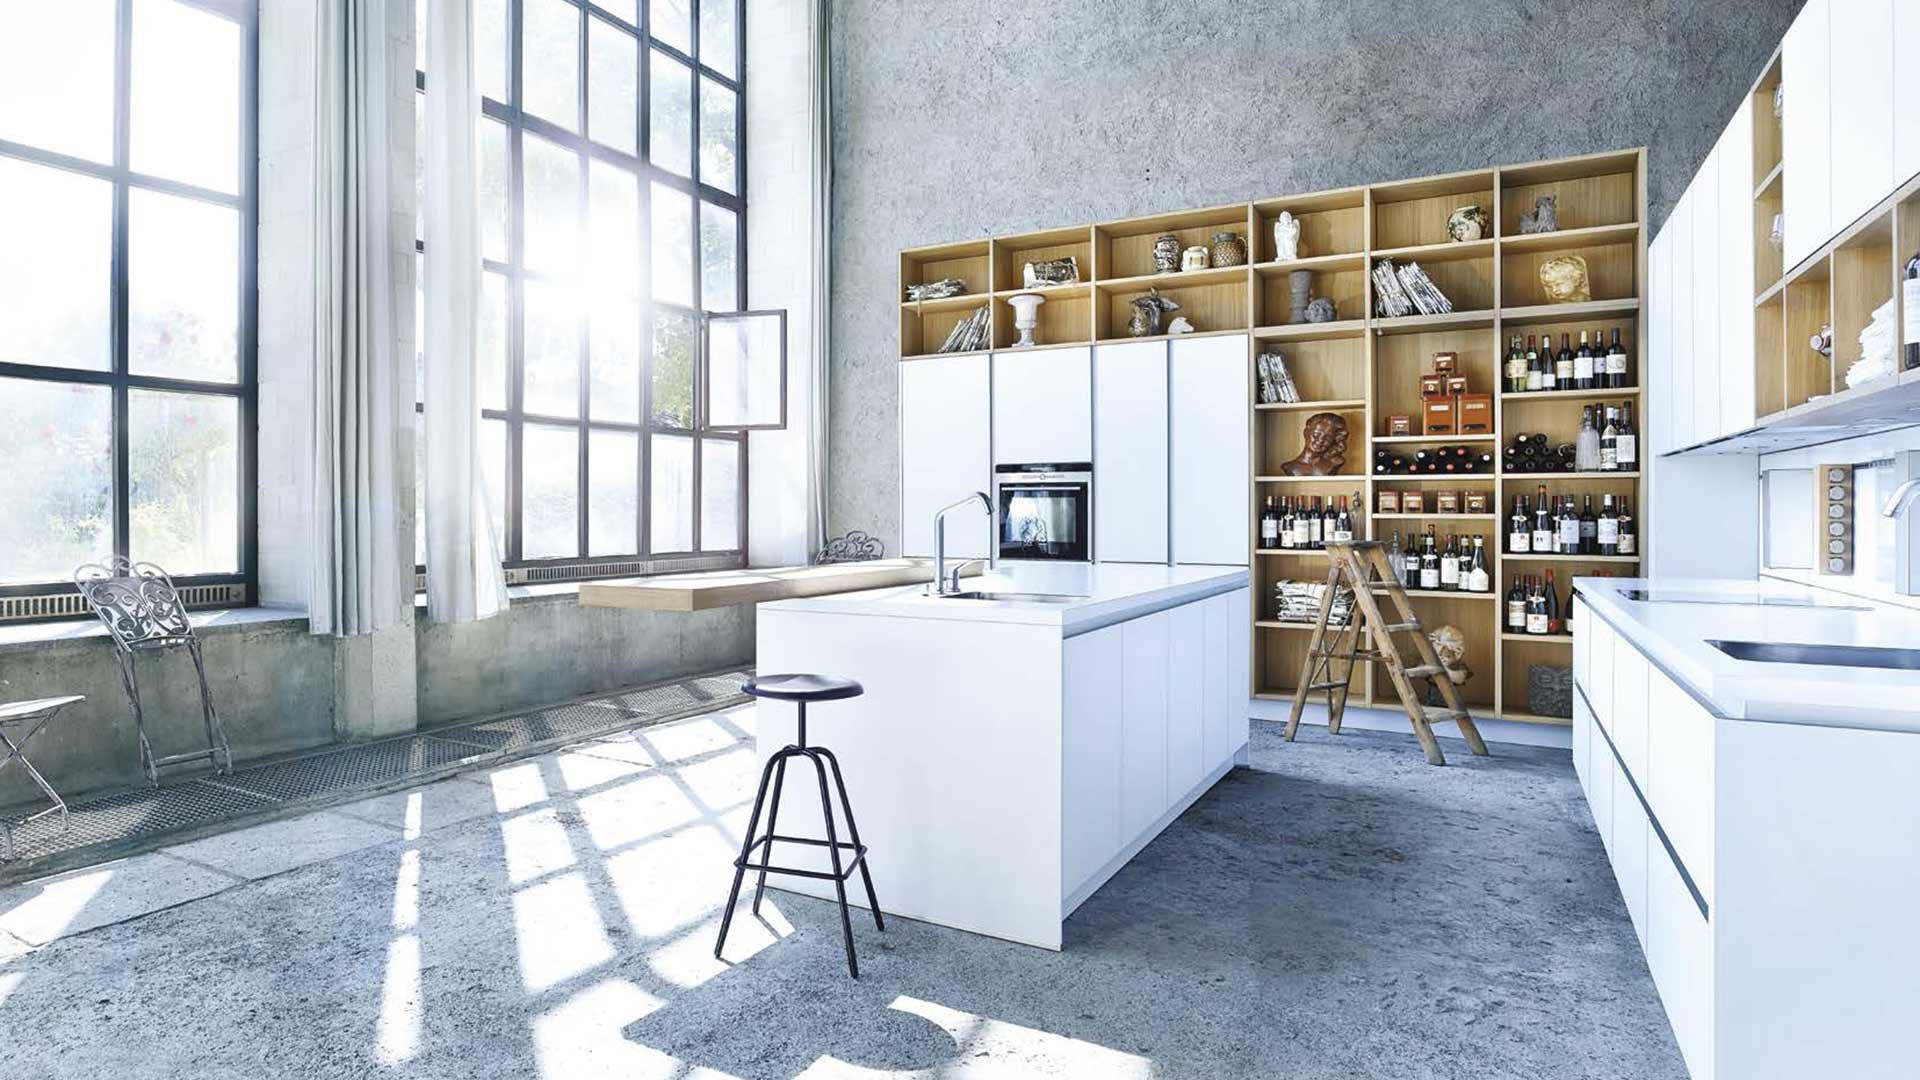 Möbel Landshut next125 küchen in kelheim möbel gassner regensburg ingolstadt